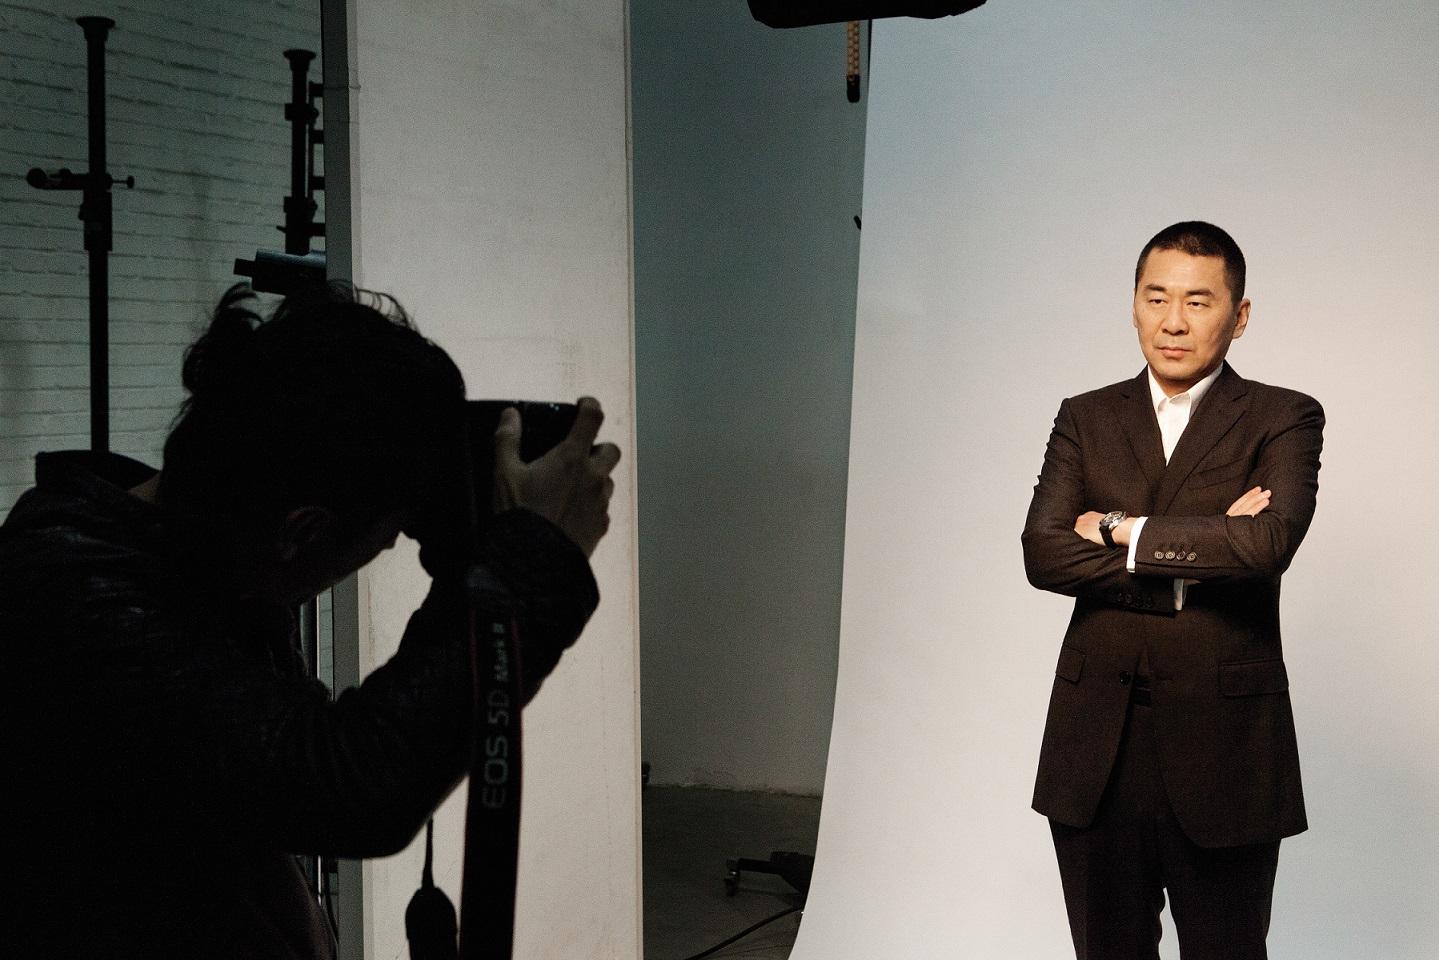 以《軍中樂園》入圍最佳男配角的陳建斌表示:「電影是我認識生活、世界的一個方式。這次入圍金馬獎給了我特別的鼓勵,除了演員的角色外,我希望能獲得更多資源,拍出更多我想拍的電影。」